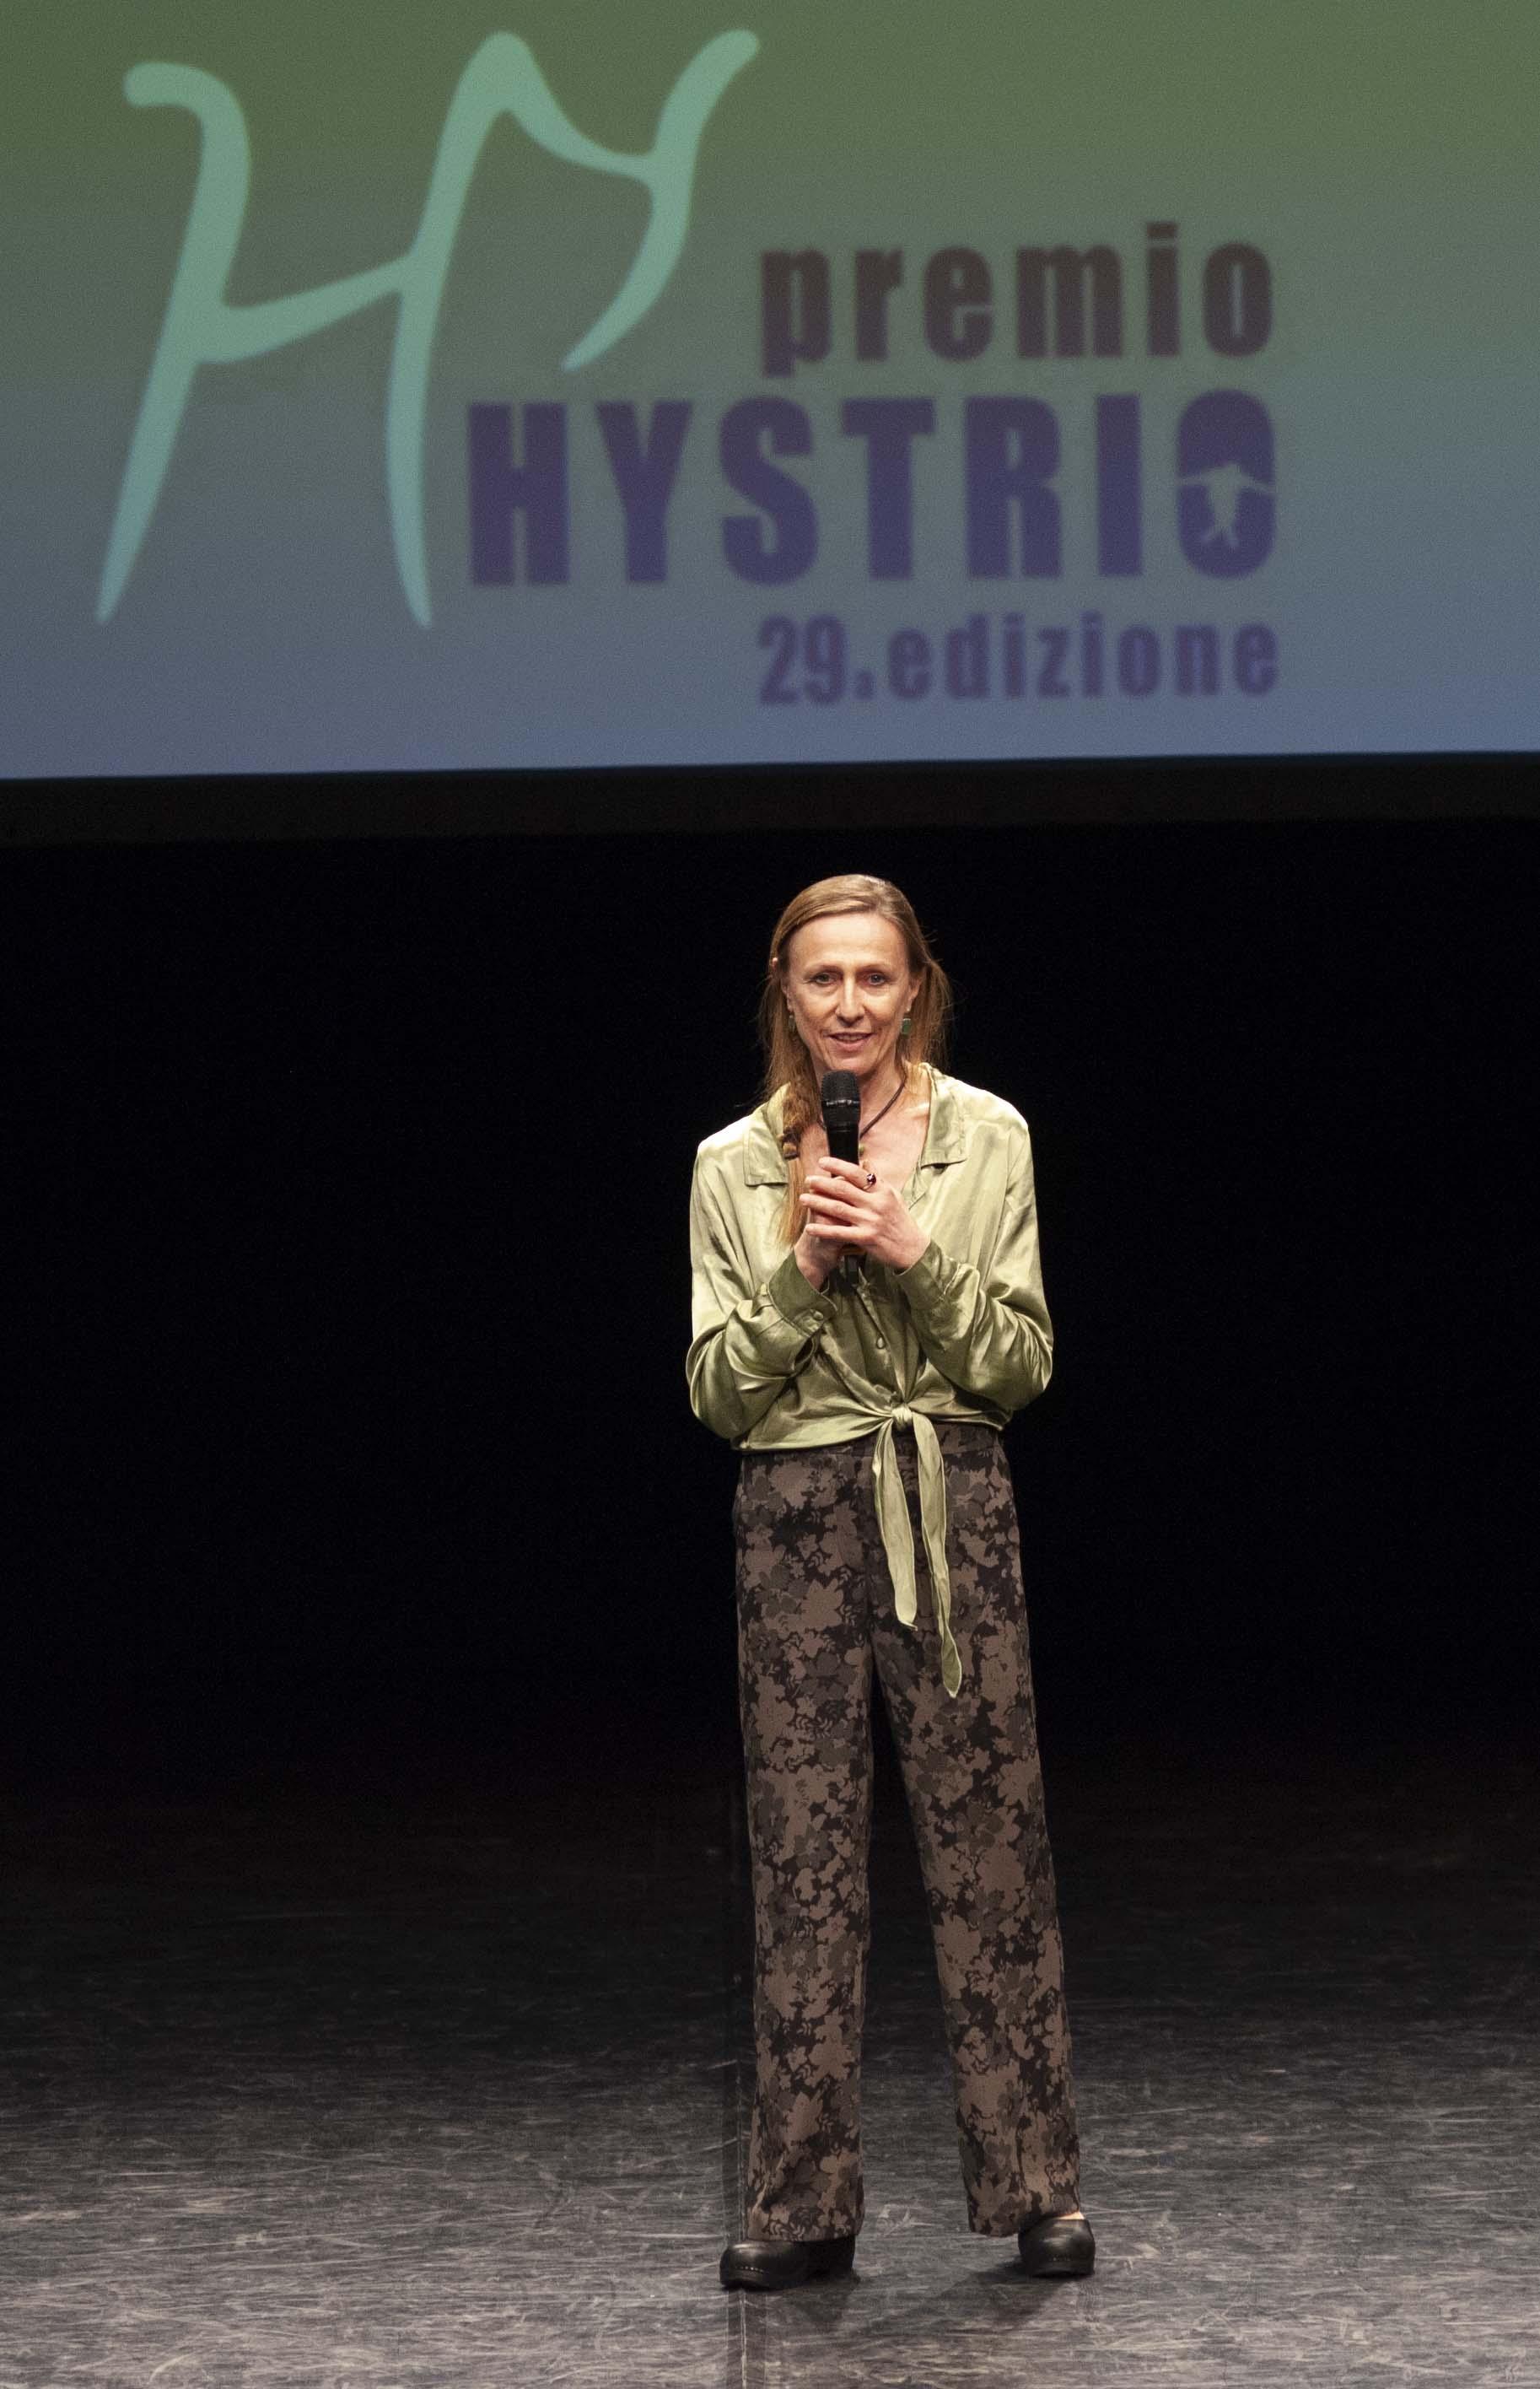 Premio Hystrio 2019 corpo a corpo_Simona Bertozzi_ph Gabriele Lopez